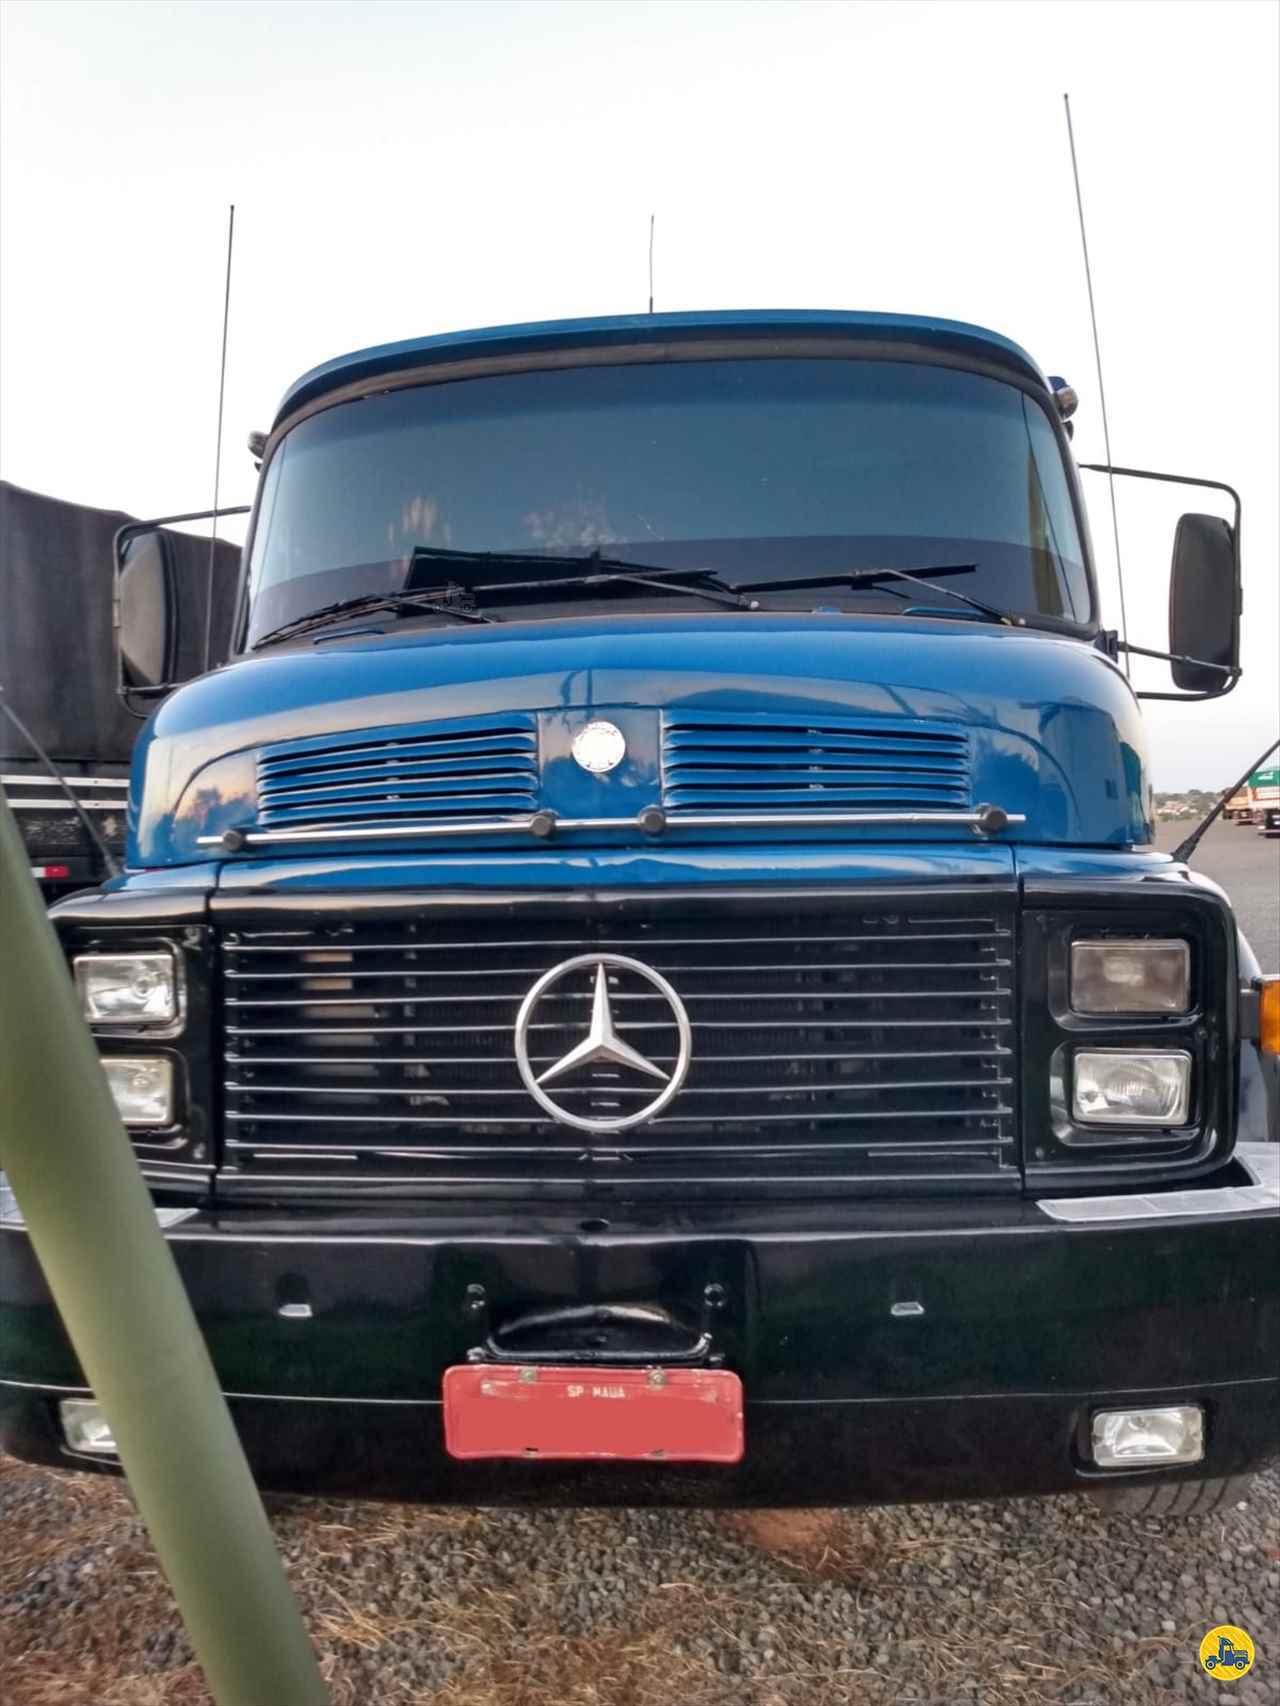 CAMINHAO MERCEDES-BENZ MB 1518 Carga Seca Toco 4x2 Gazola Caminhões São José do Rio Preto SÃO PAULO SP